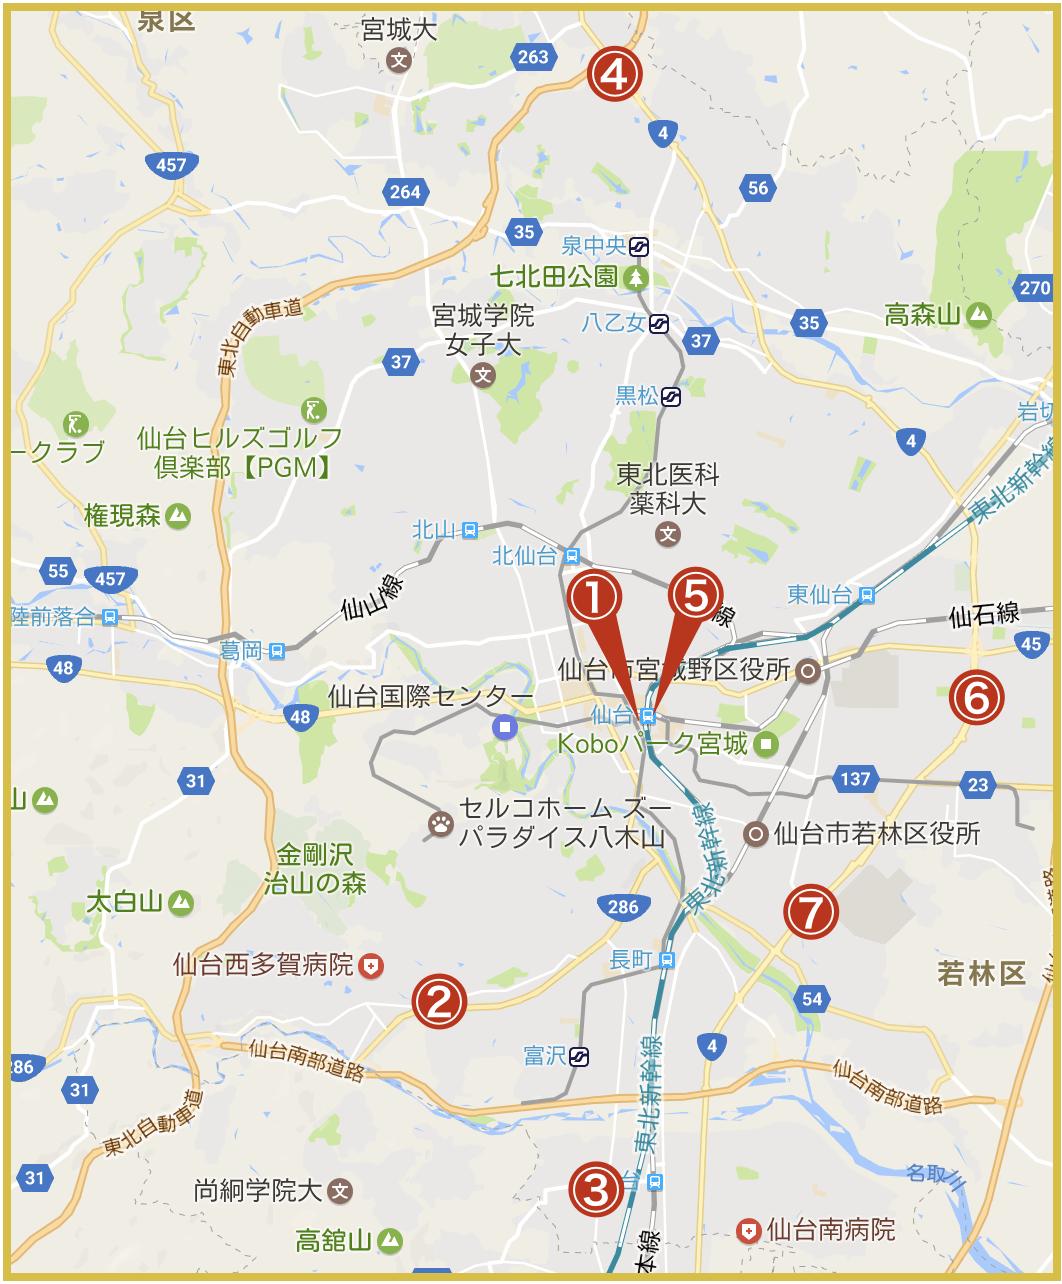 仙台市にあるアイフル店舗・ATMの位置